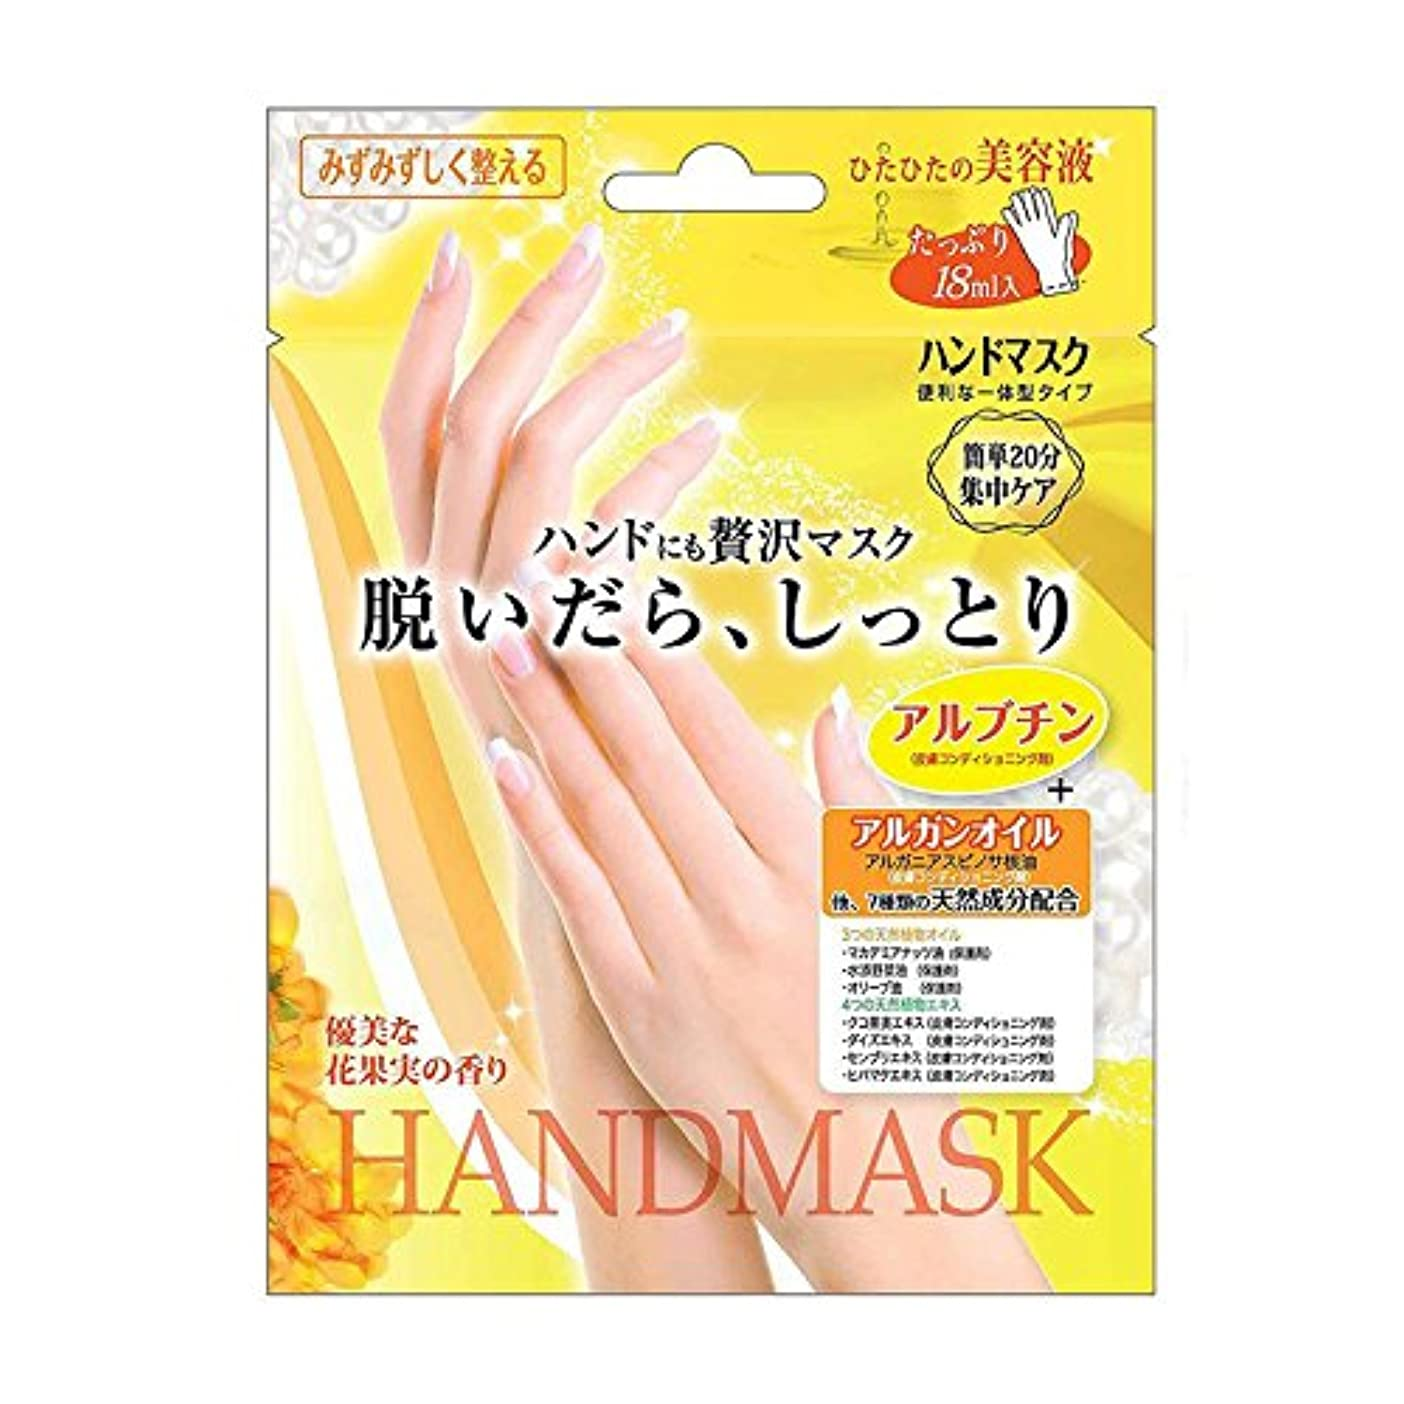 ビューティーワールド ハンドにも贅沢マスク 脱いだら、しっとりハンドマスク 6個セット